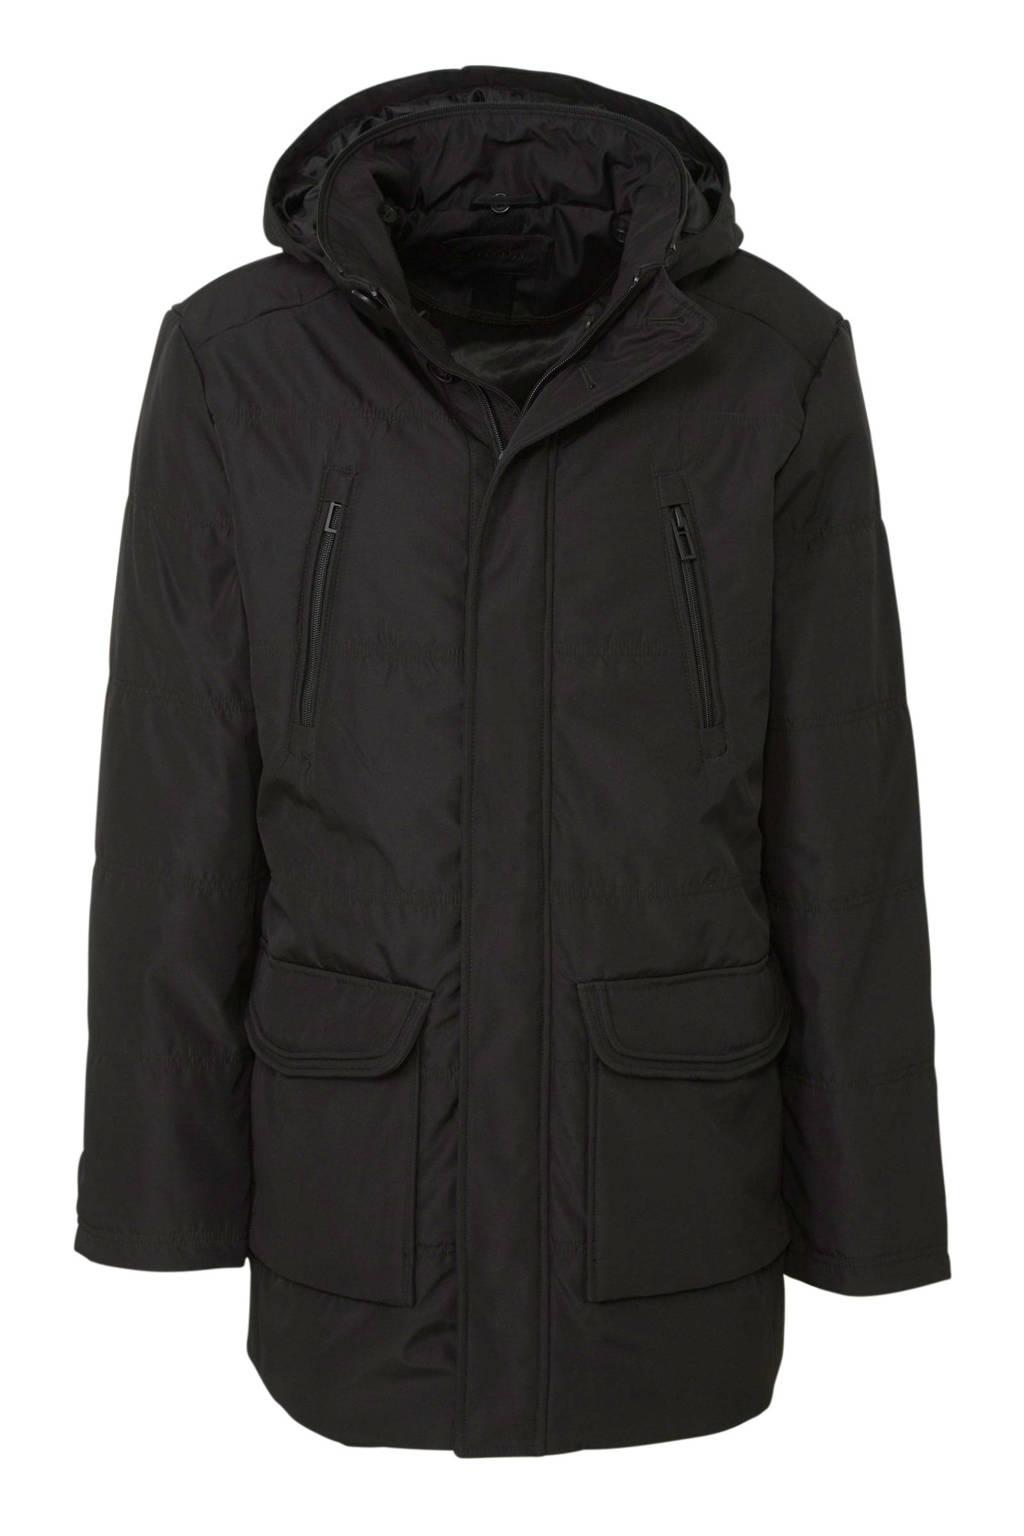 C&A Canda winterjas zwart, Zwart